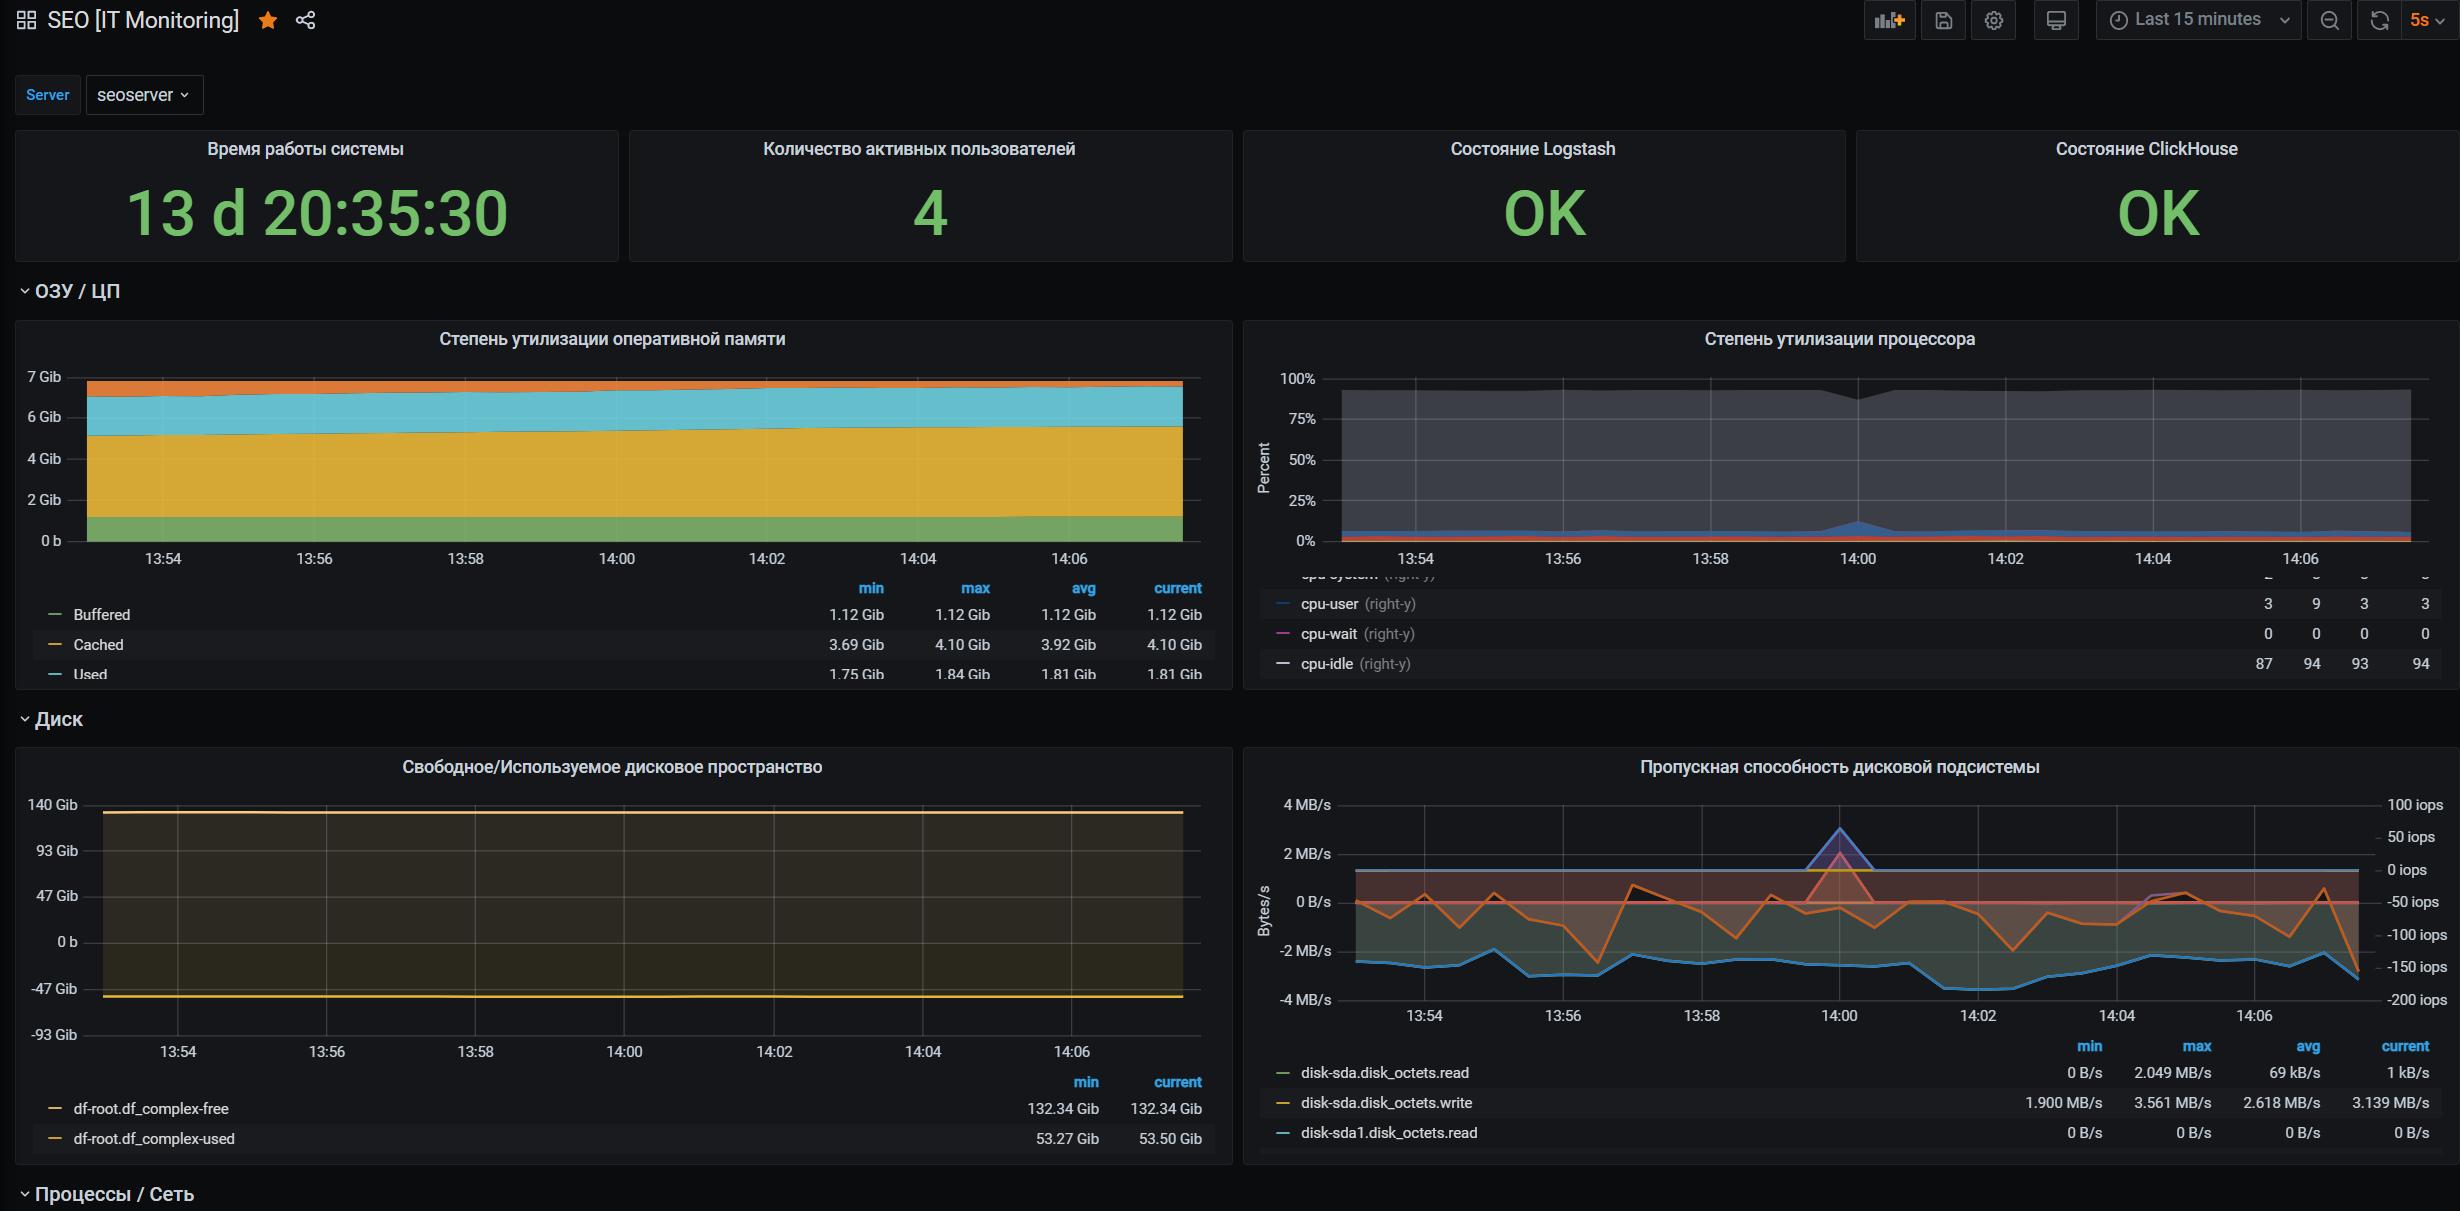 Информация по ключевым IT-метрикам сервера